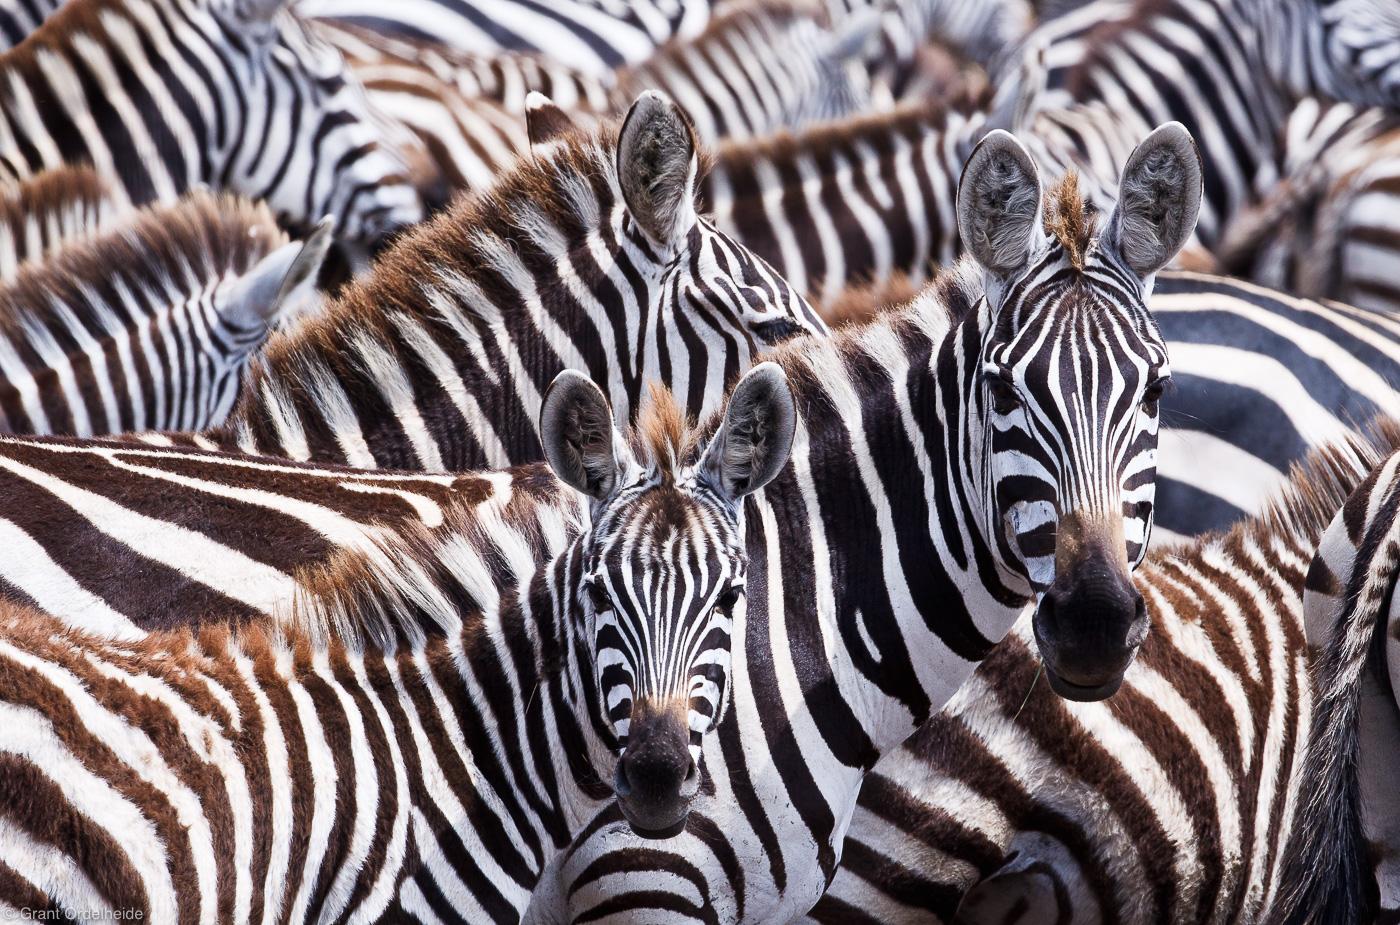 zebras, masai, mara, kenya, africa, migration, tanzania, safari, hundreds, thousands, tanzania, beautiful, incredible, , photo